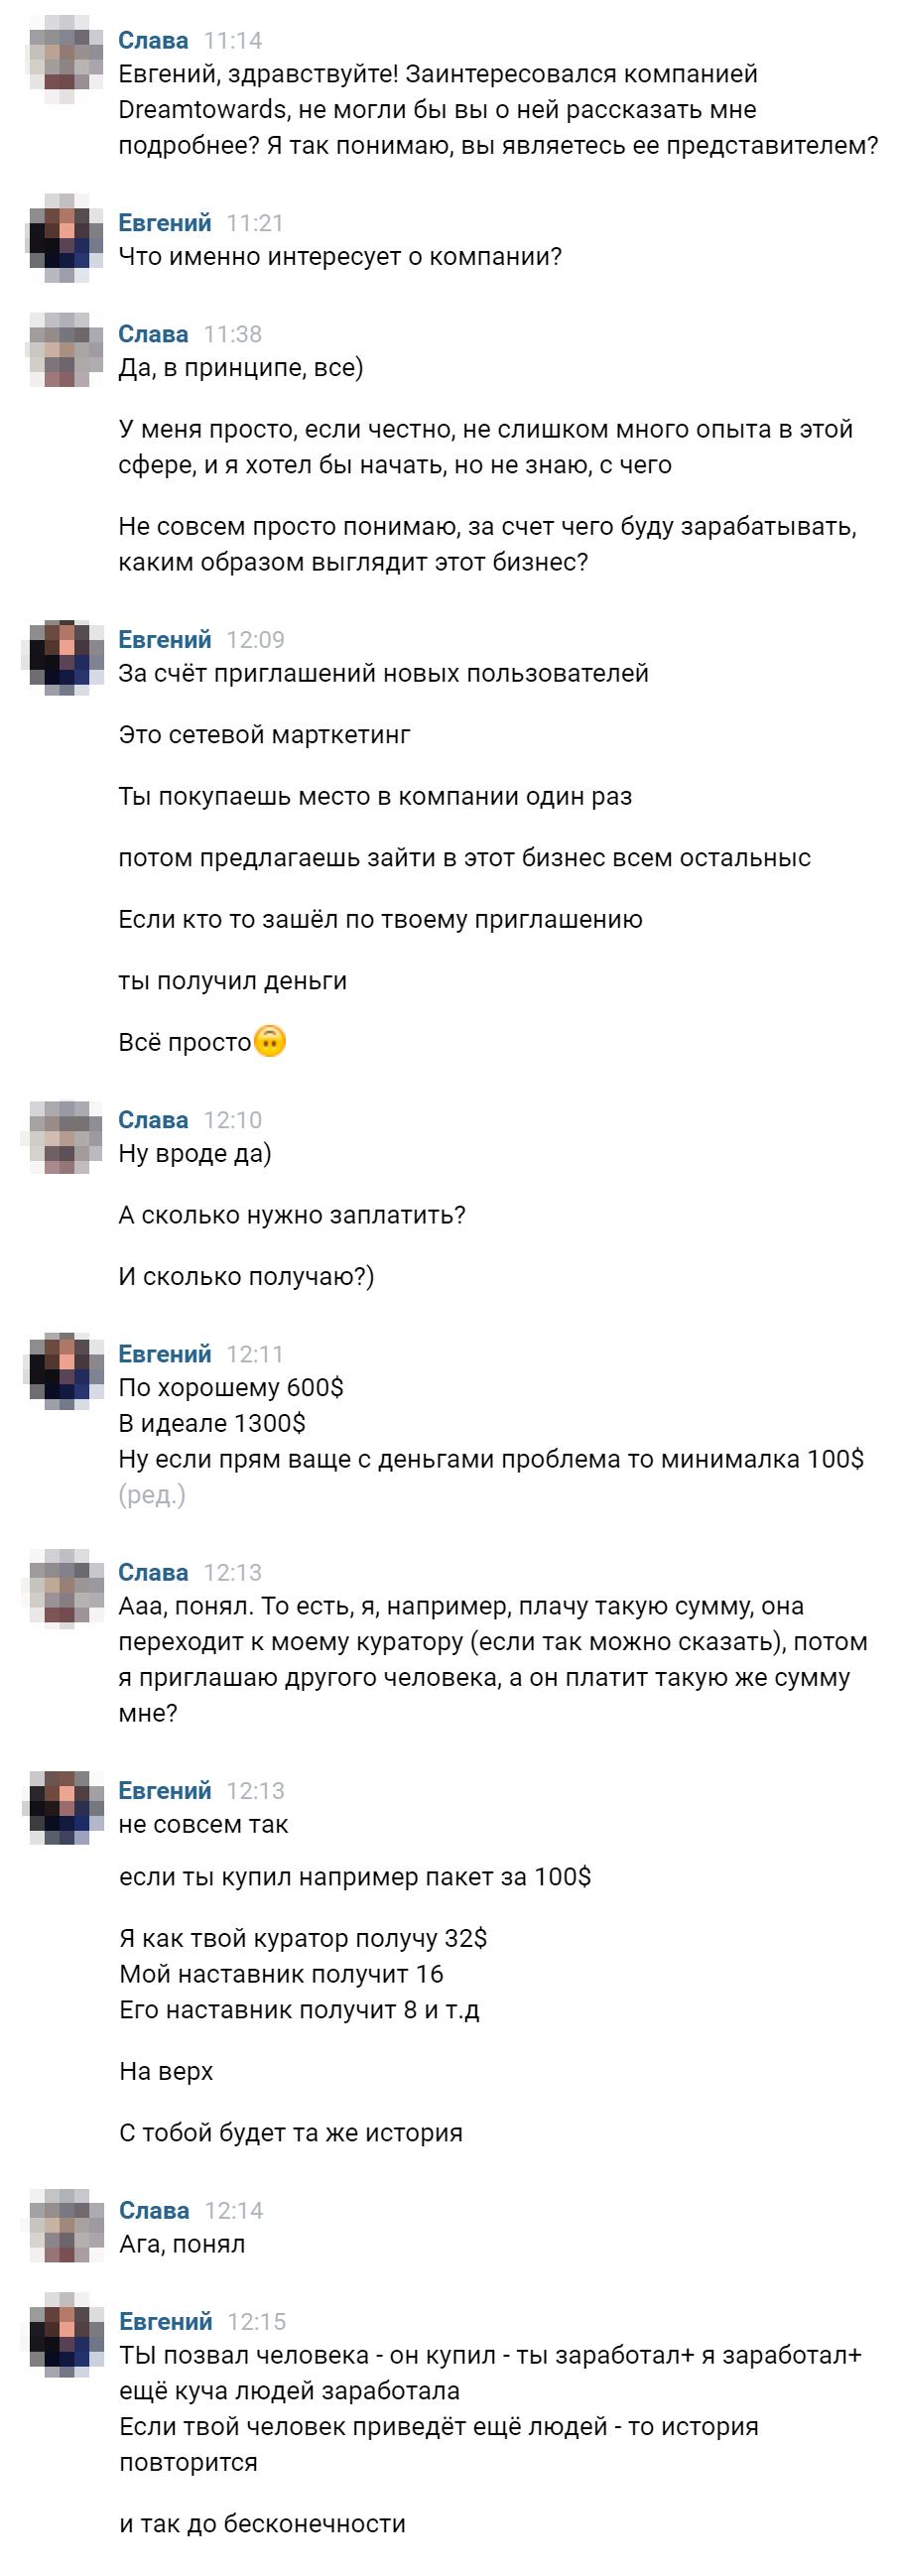 Представитель компании Евгений заверил меня, что все работает очень просто — на основе сетевого маркетинга